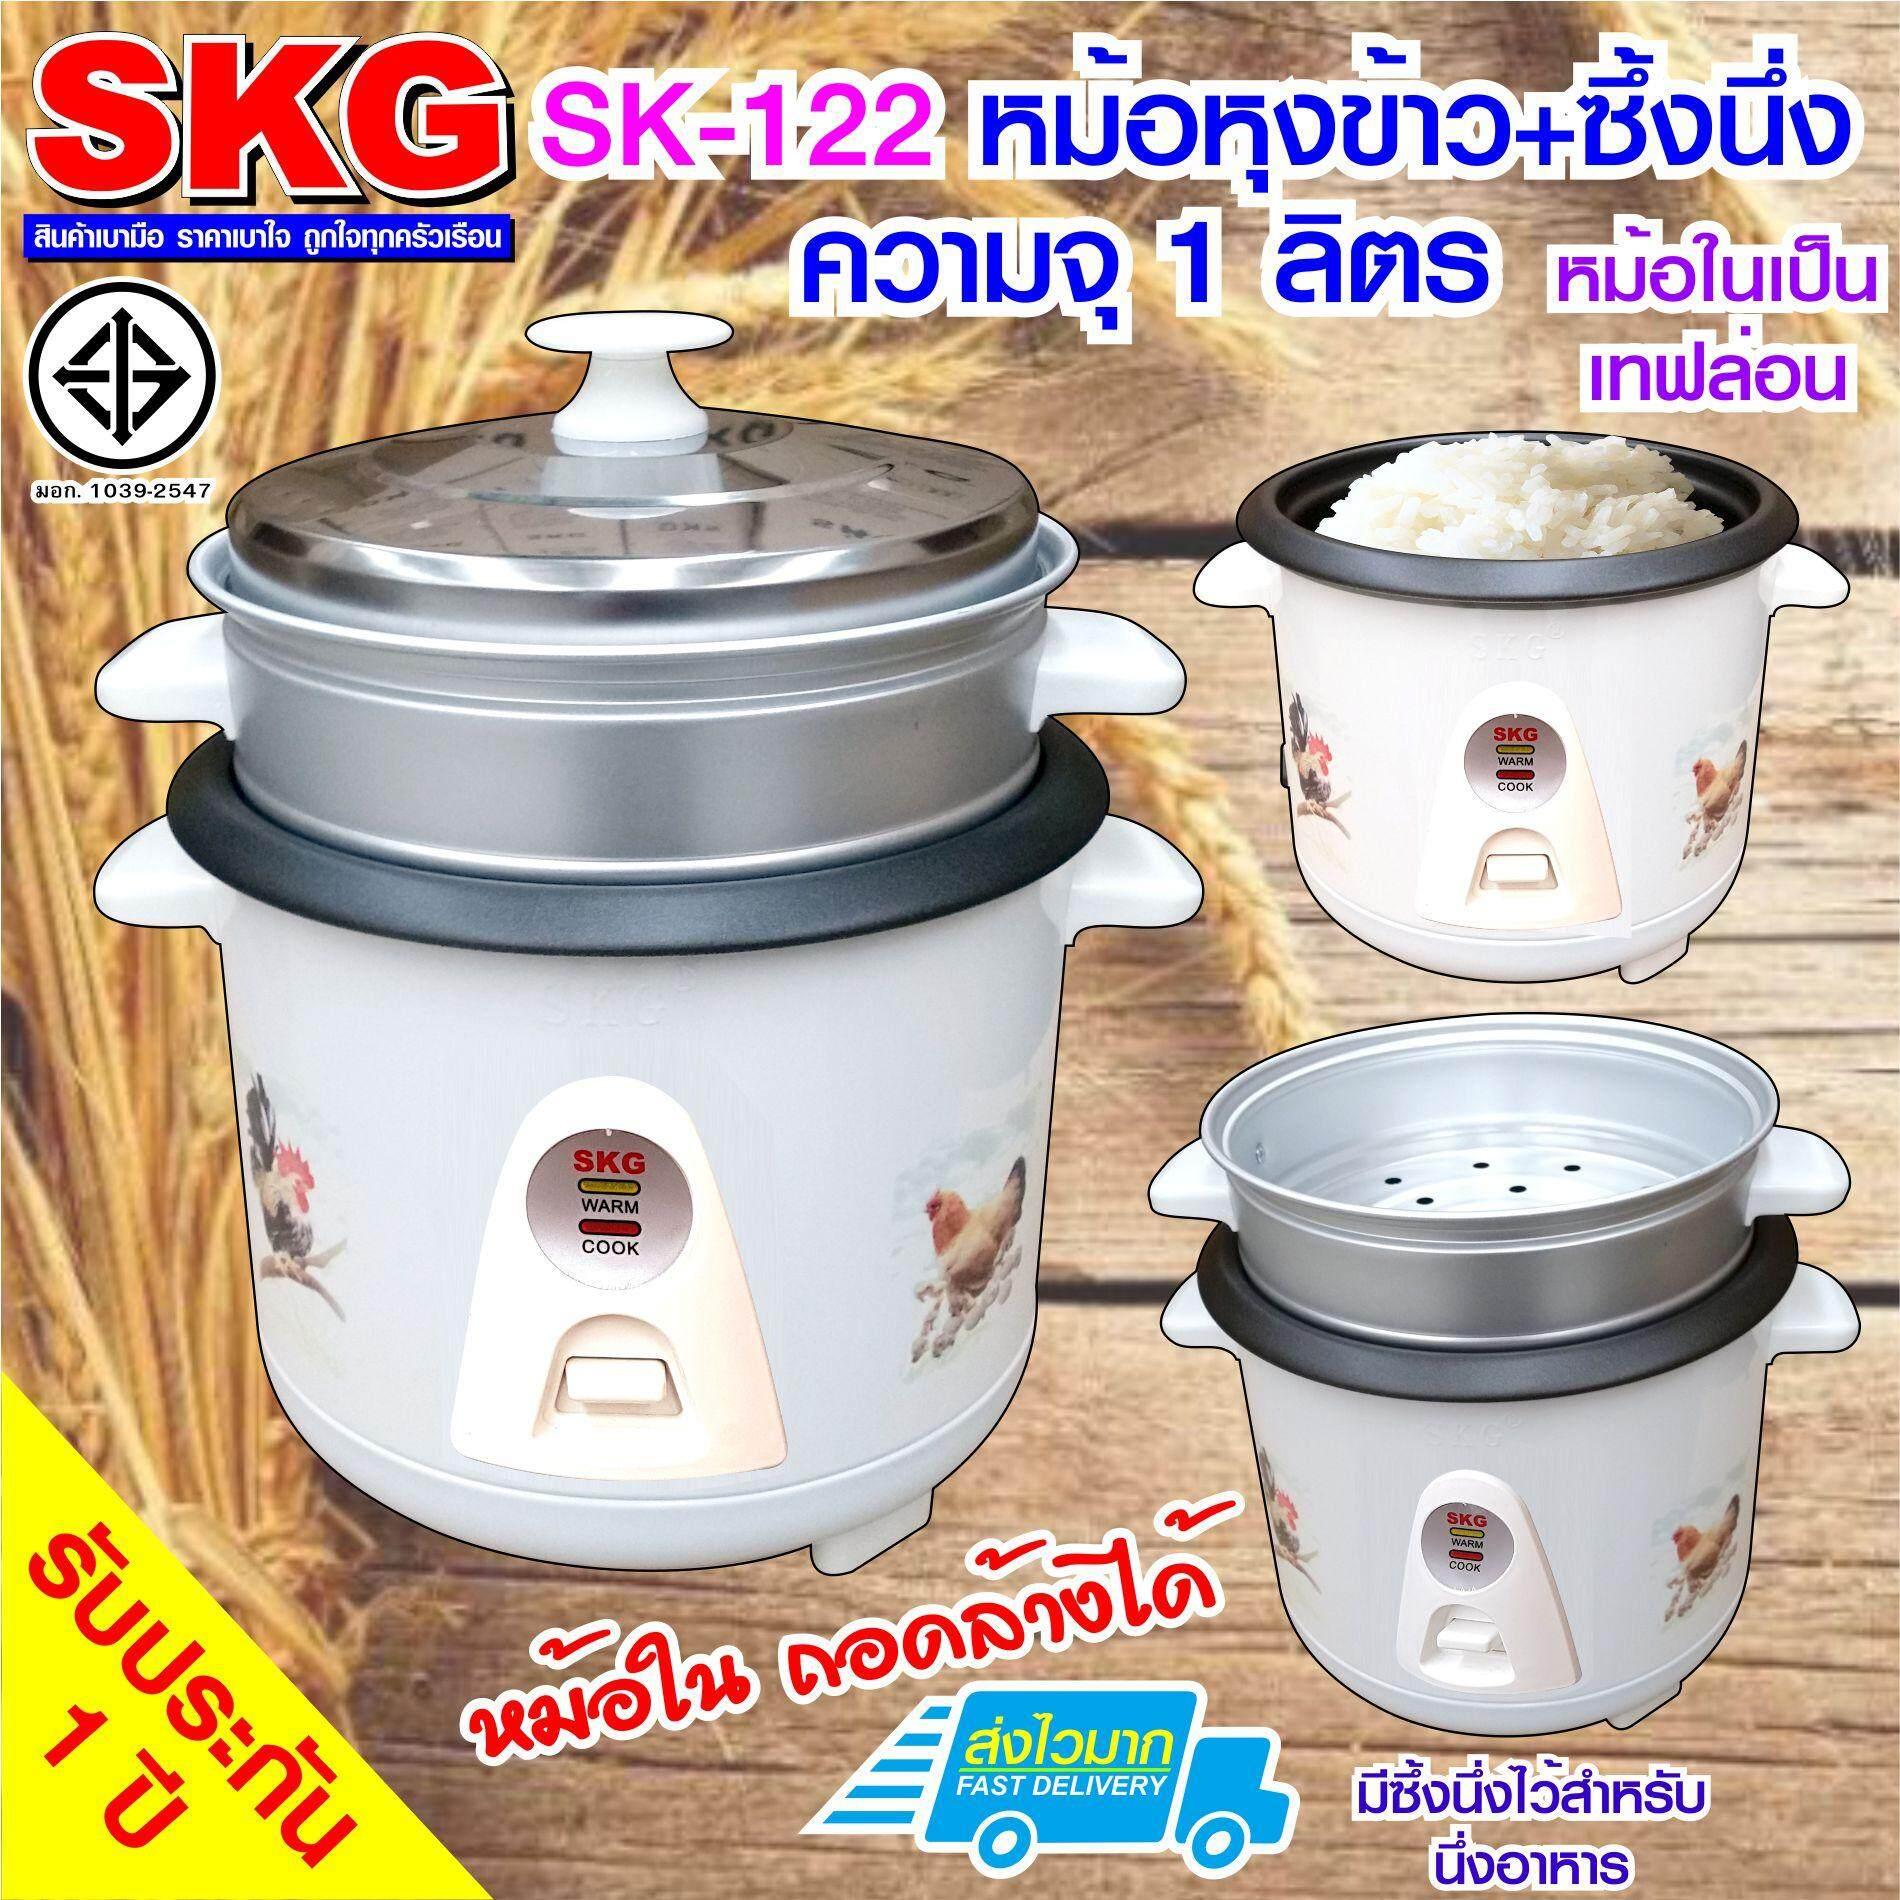 ซื้อ Skg หม้อหุงข้าว มีซึ้งนึ่ง รุ่น Sk 122 1 2 ลิตร ลายไก่ ออนไลน์ กรุงเทพมหานคร